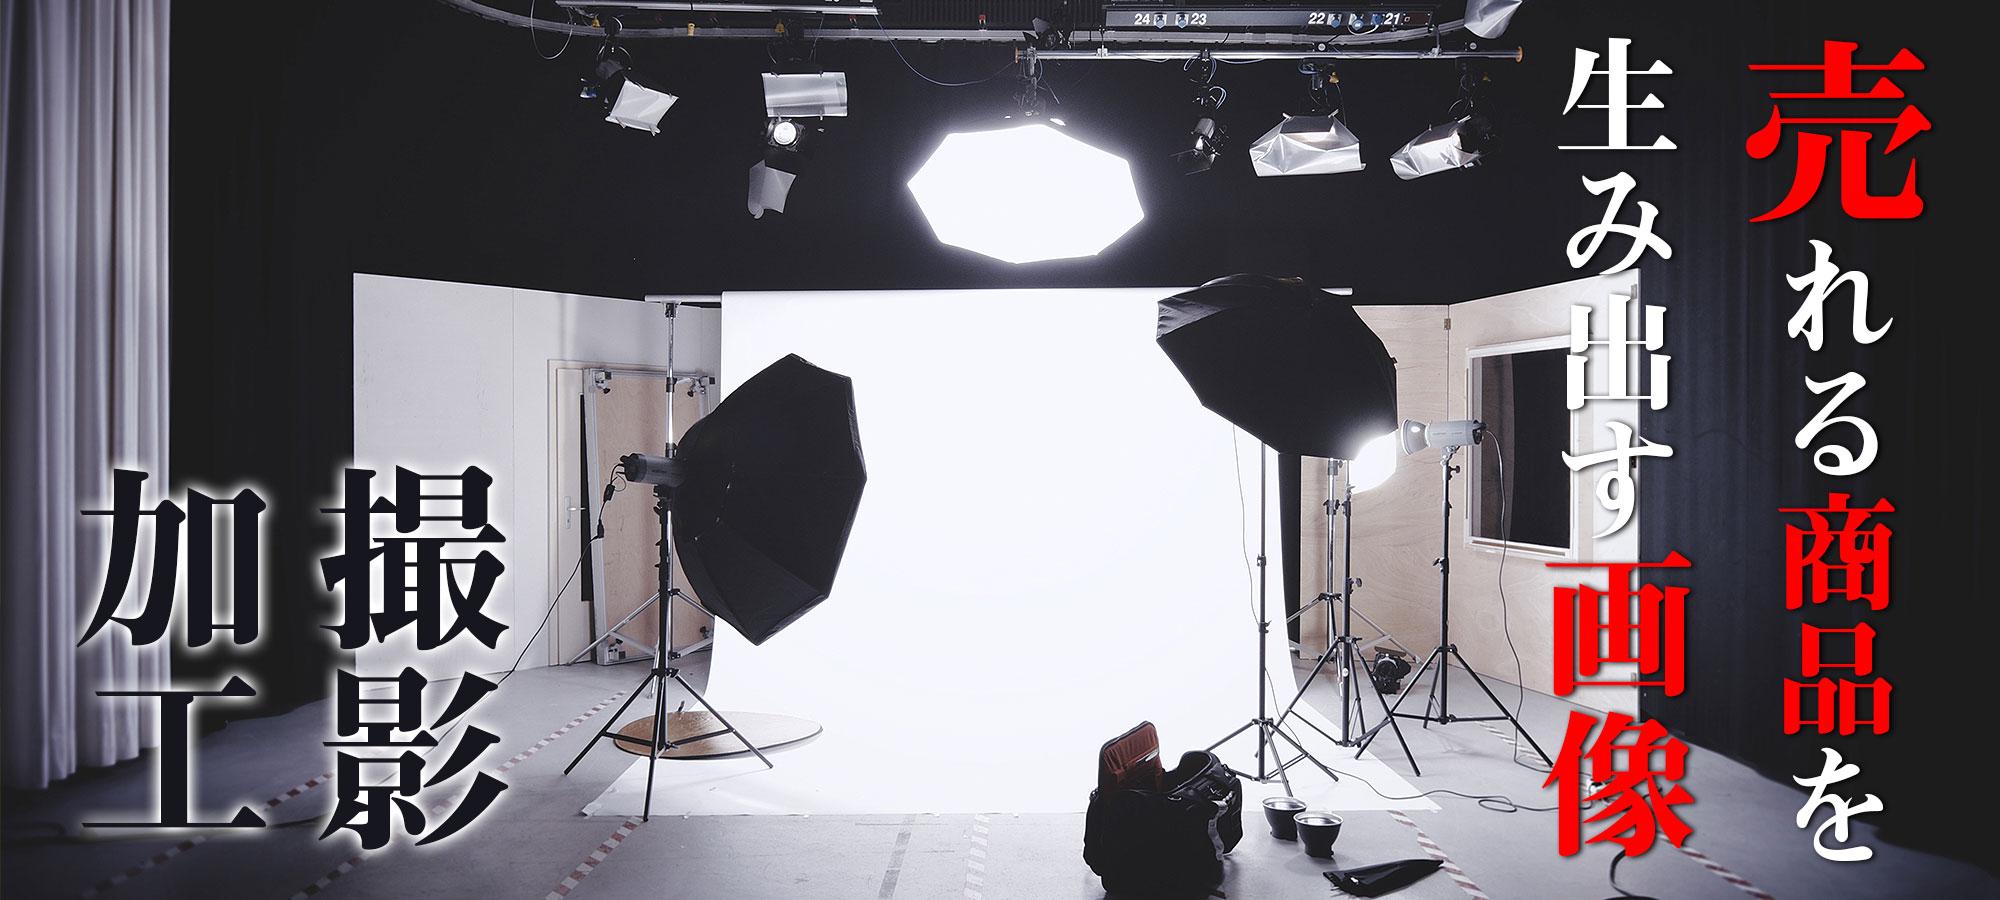 商品ページ制作・ランディングページ制作・画像・撮影・加工